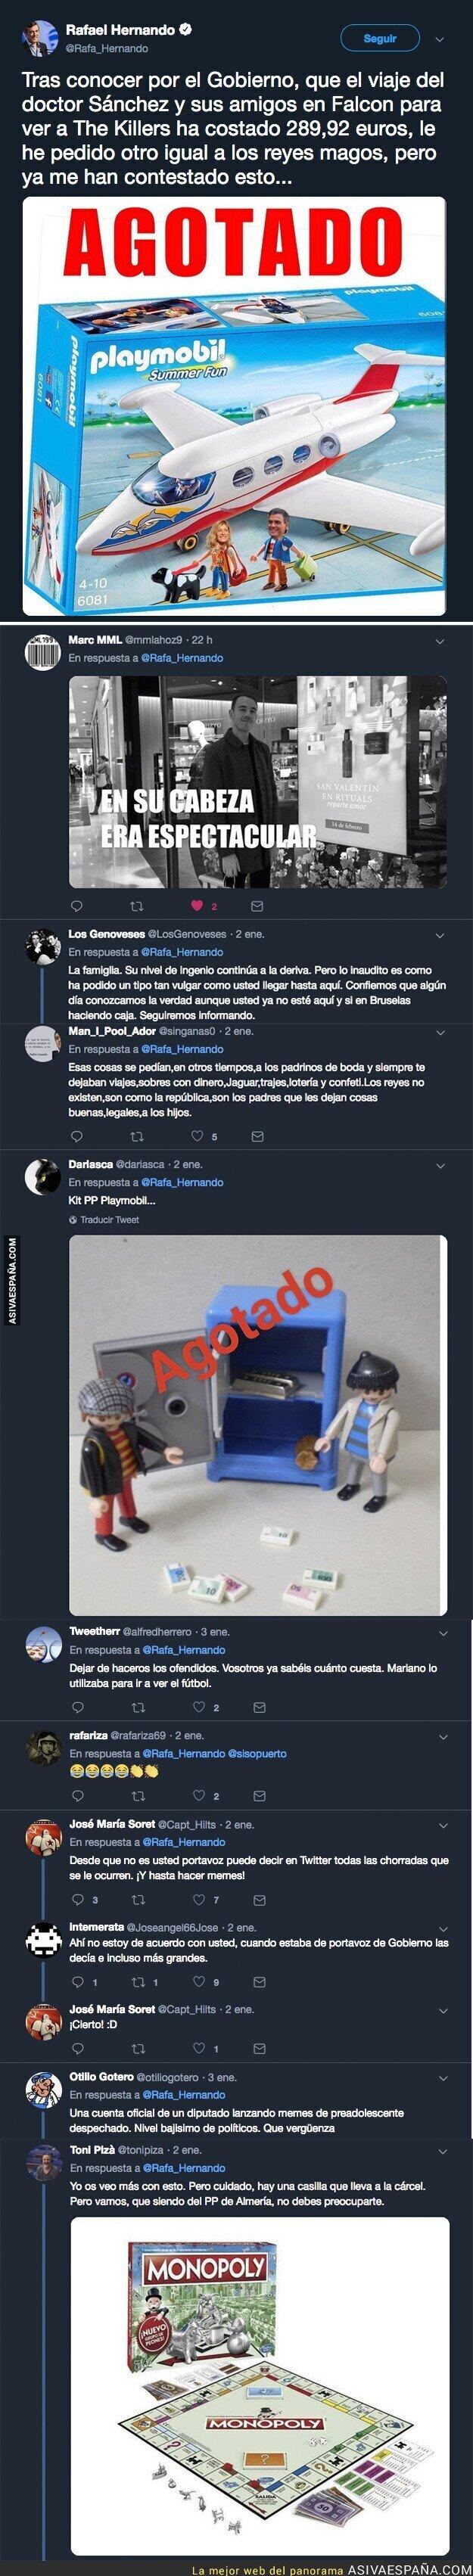 101695 - Rafael Hernando solamente quiere un regalo para Reyes Magos